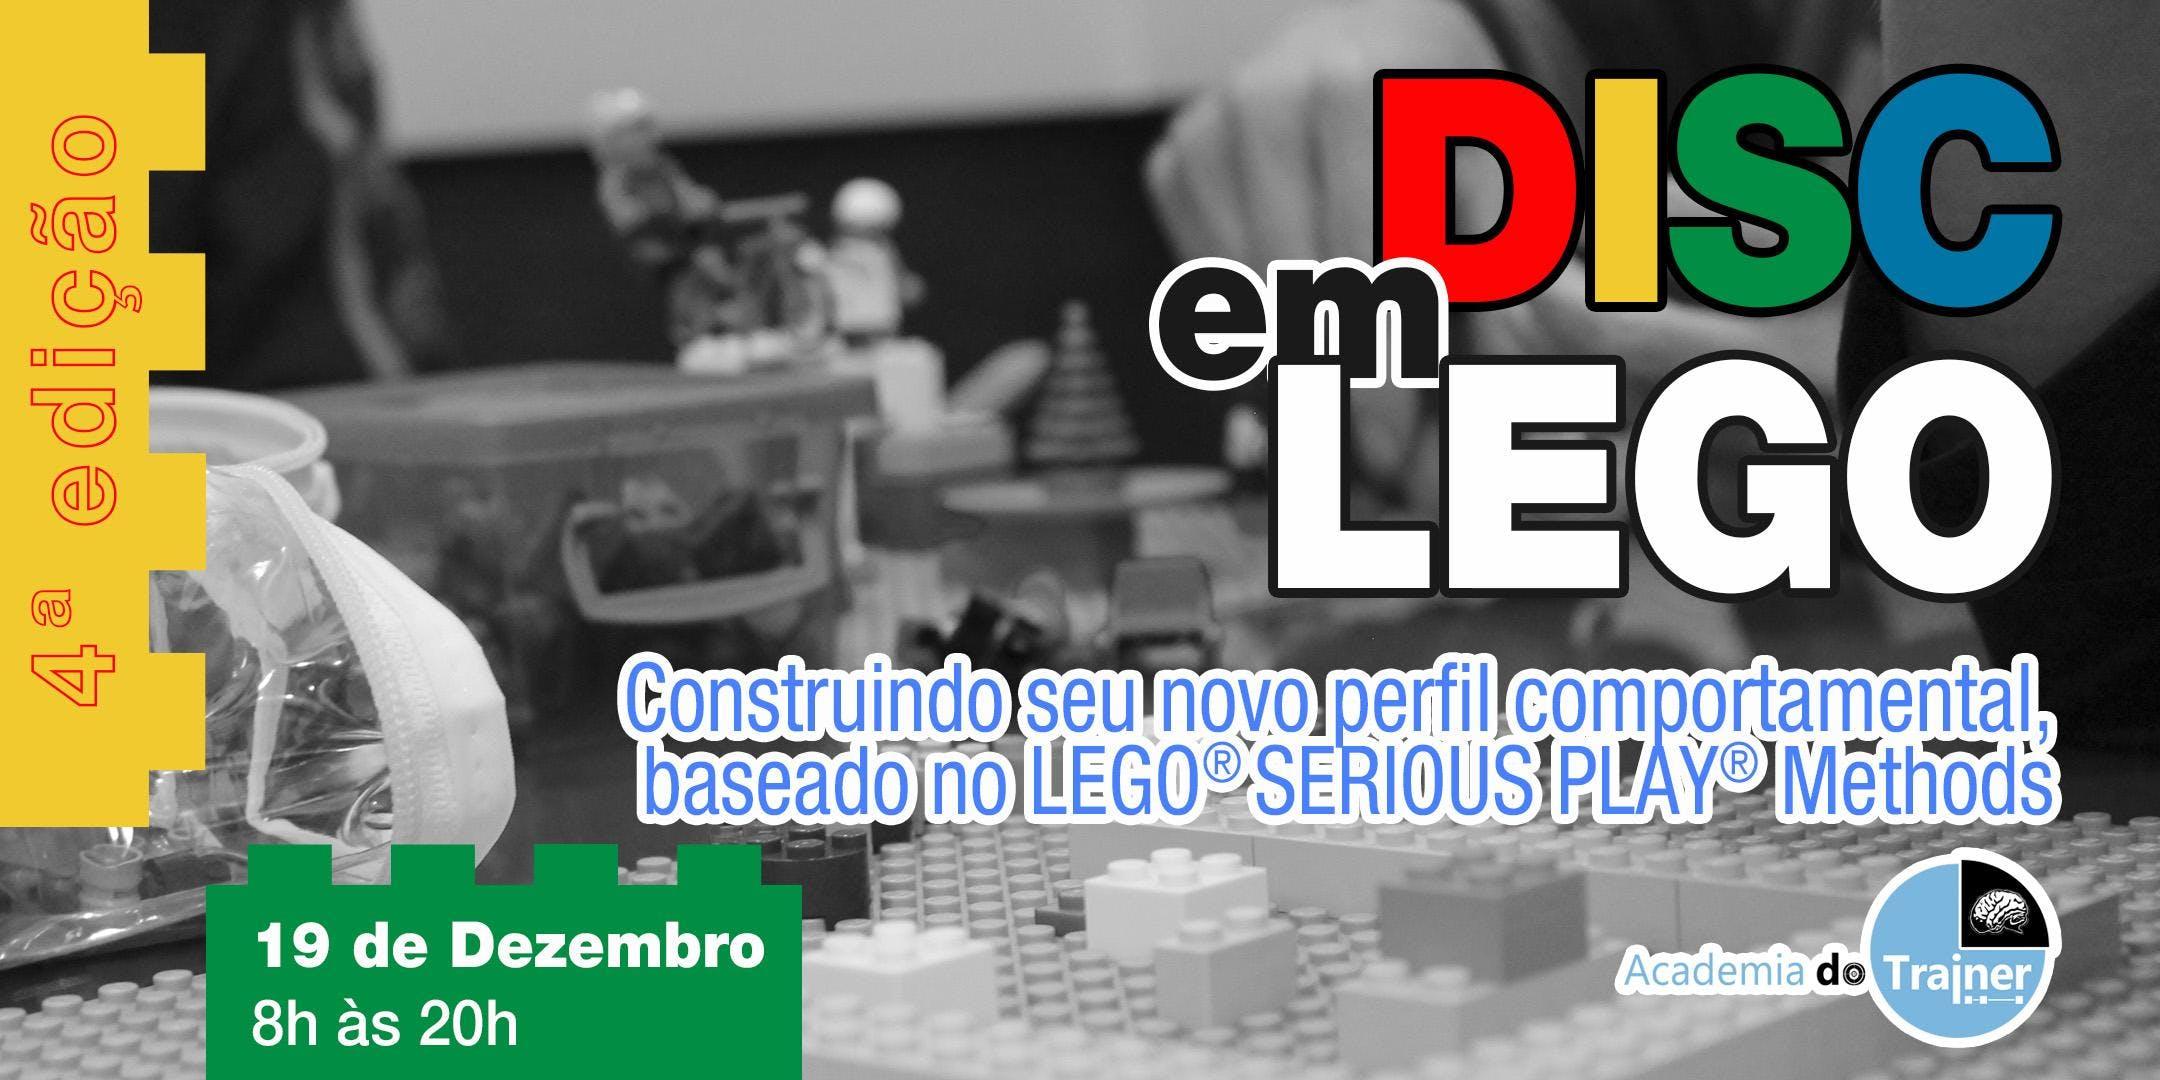 Workshop DISC em LEGO - 4ª Edição